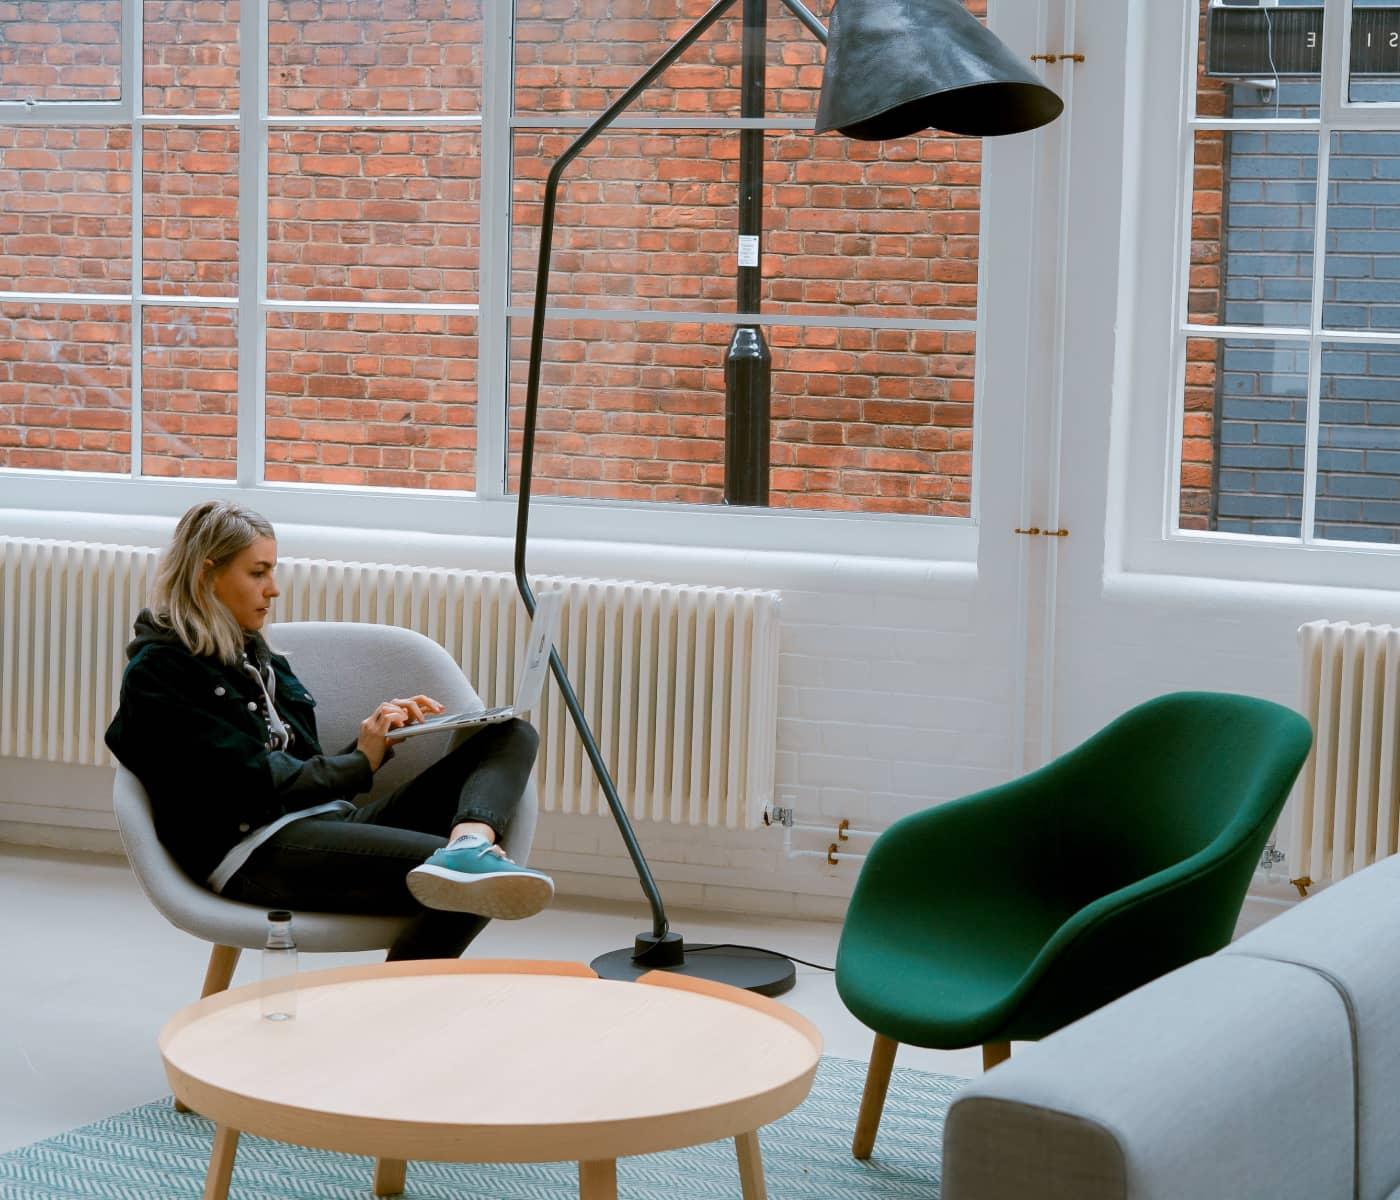 Image d'une fille travaillant avec un ordinateur portable